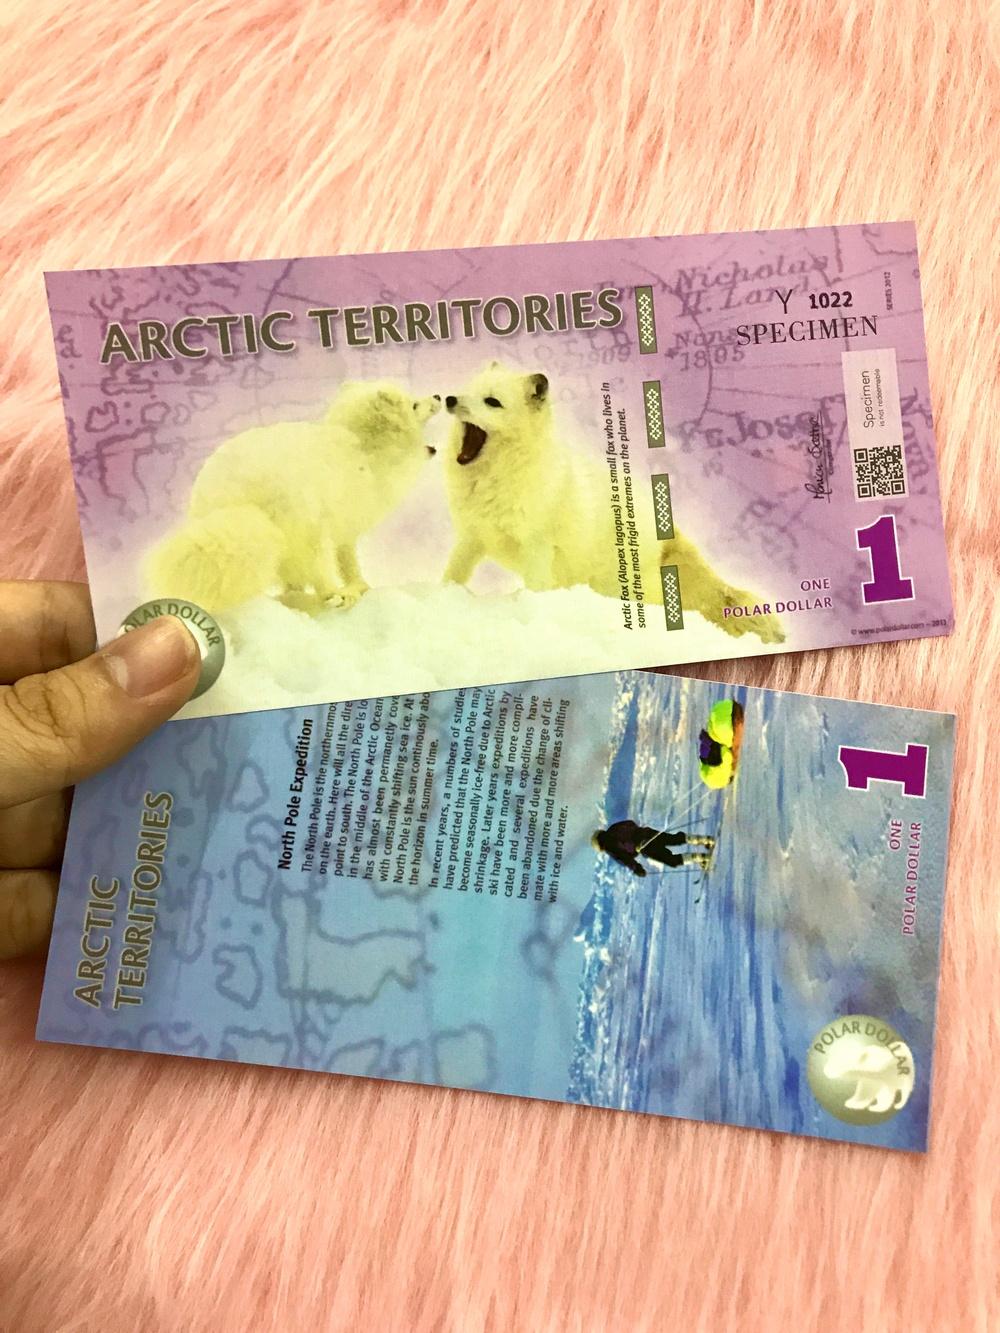 Tờ tiền lưu niệm Bắc Cực 1 đô polymer, quà tặng phong thủy, dùng để sưu tầm, quà tặng lì xì người tuổi Tuất - tặng kèm bao lì xì đỏ - The Merrick Mint